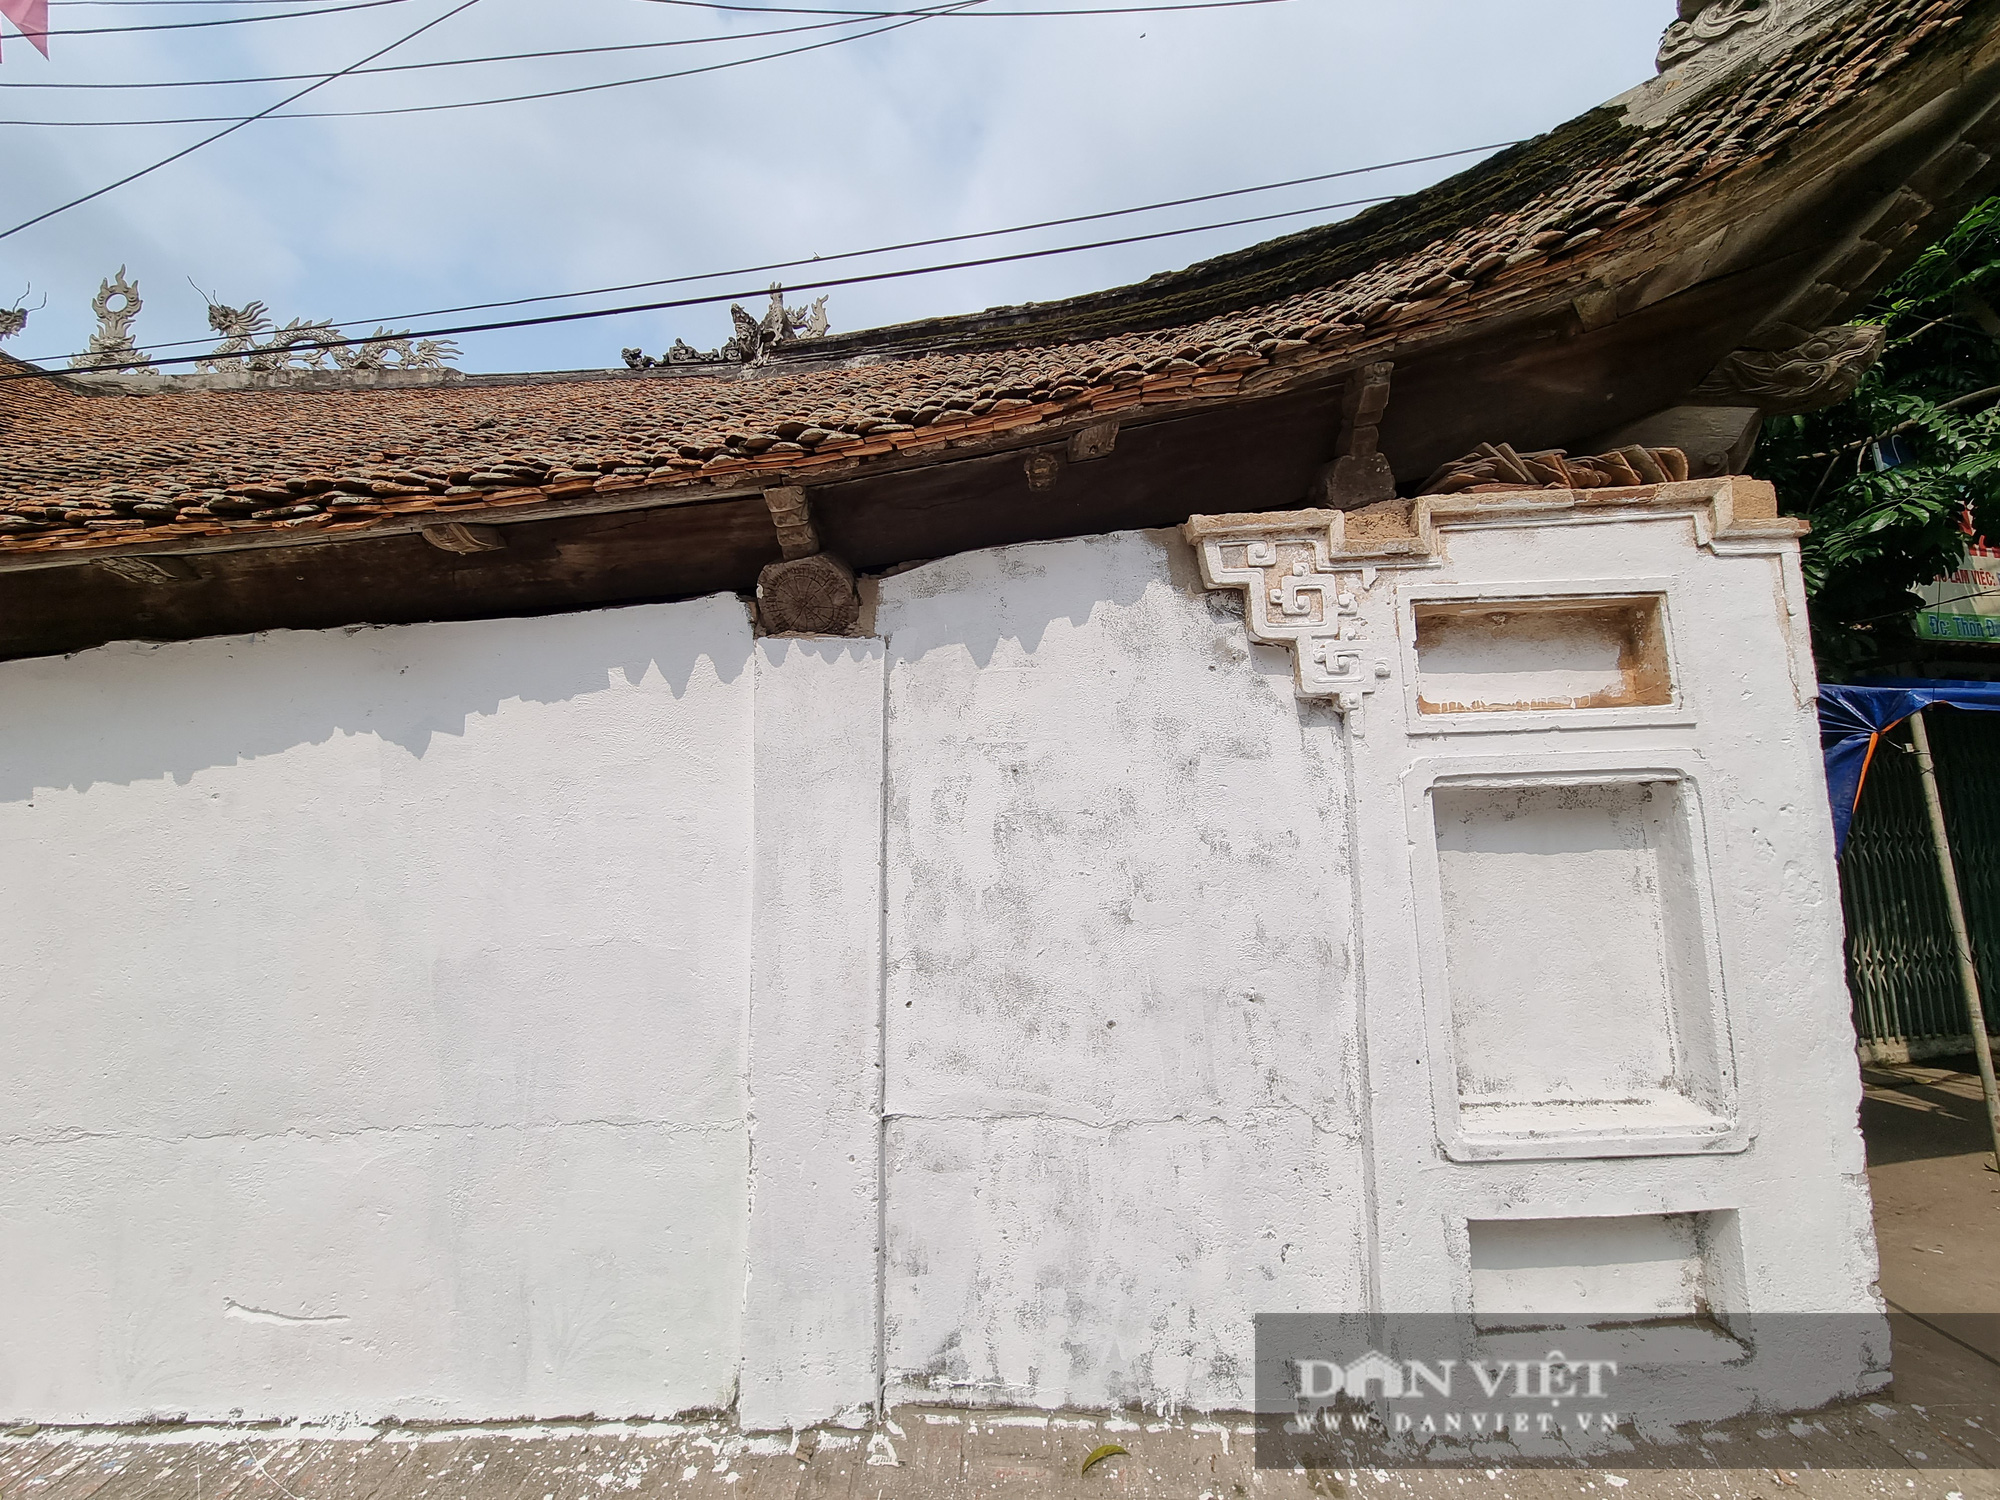 Bức tường tại đình làng cổ Tiên Lữ bất ngờ được sơn trắng - Ảnh 4.